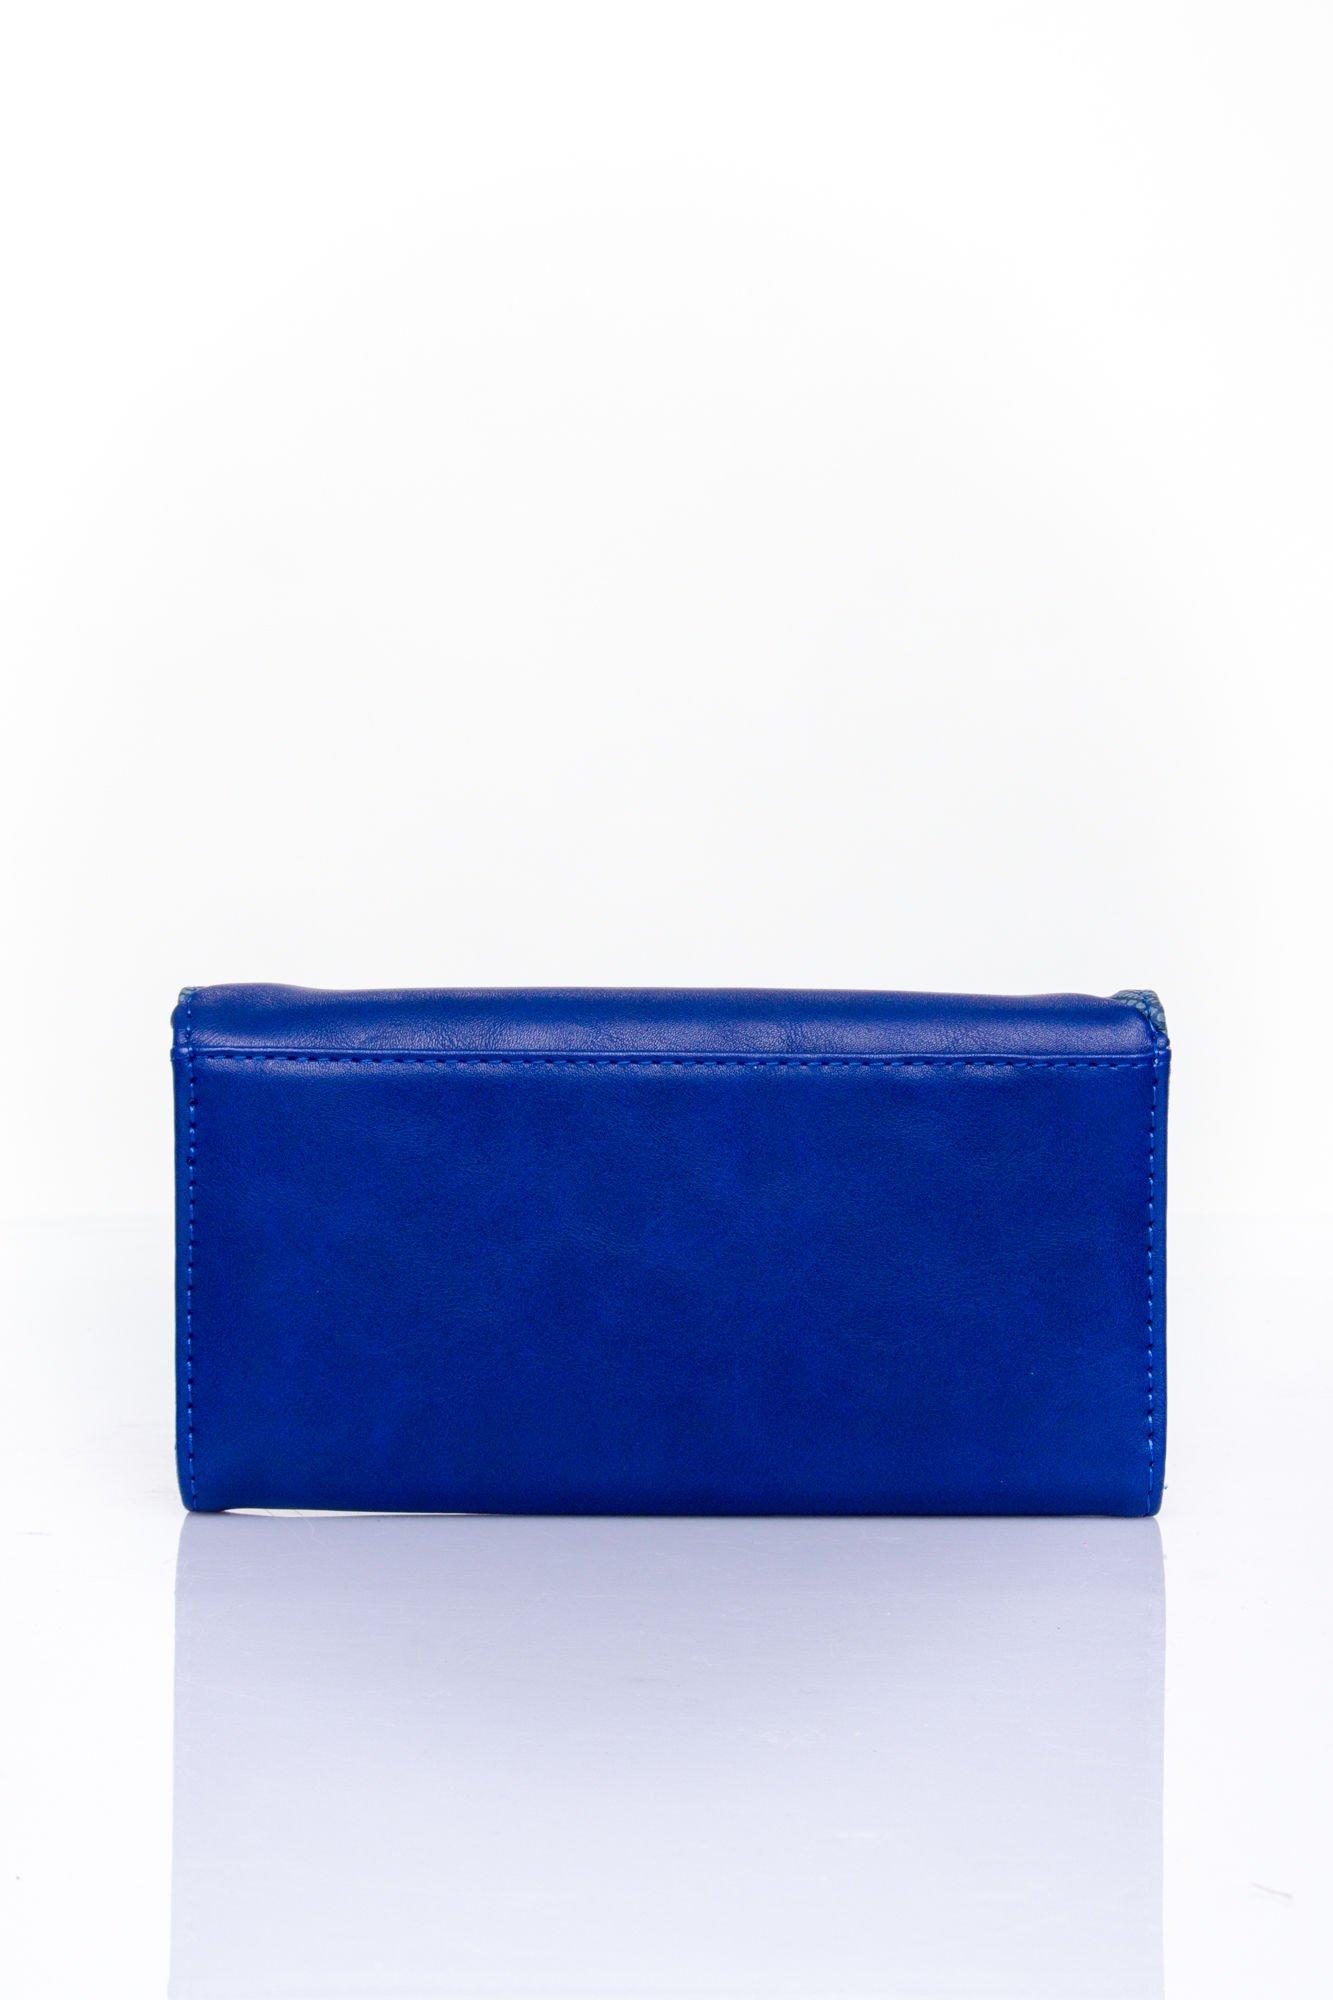 Granatowy portfel z ozdobnym detalem i złotymi okuciami                                  zdj.                                  2